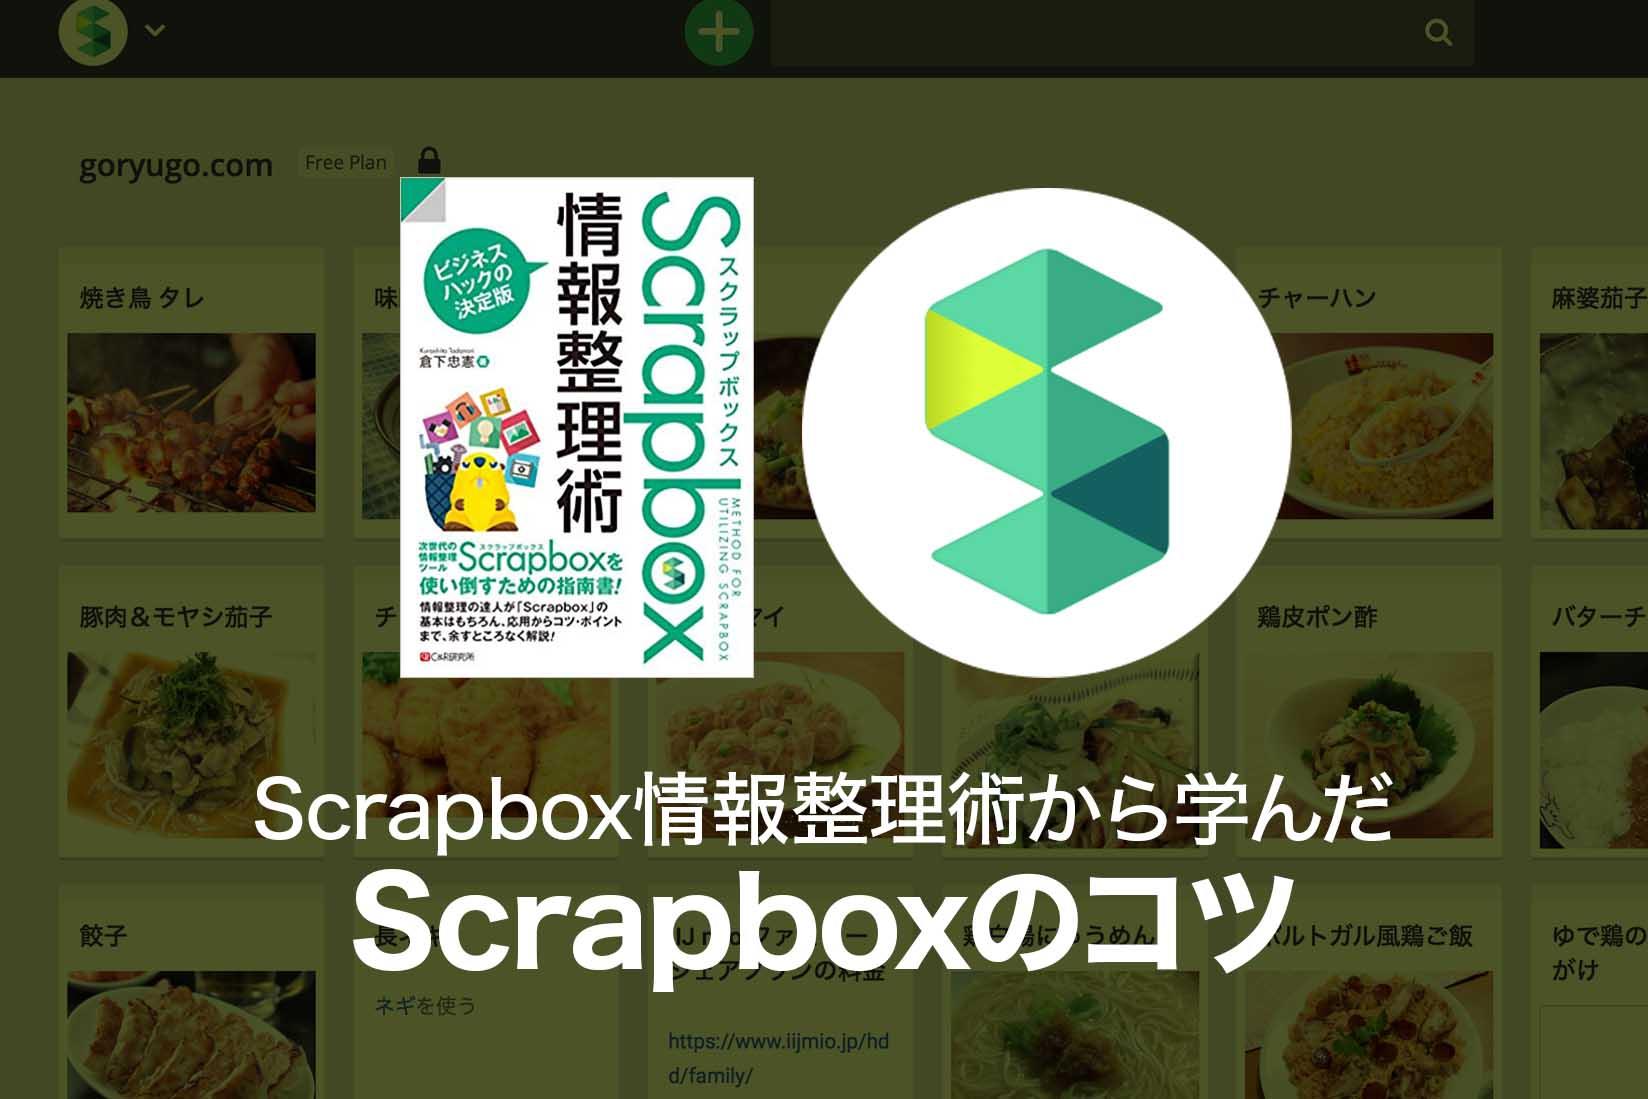 Scrapbox情報整理術から学んだScrapboxのコツ